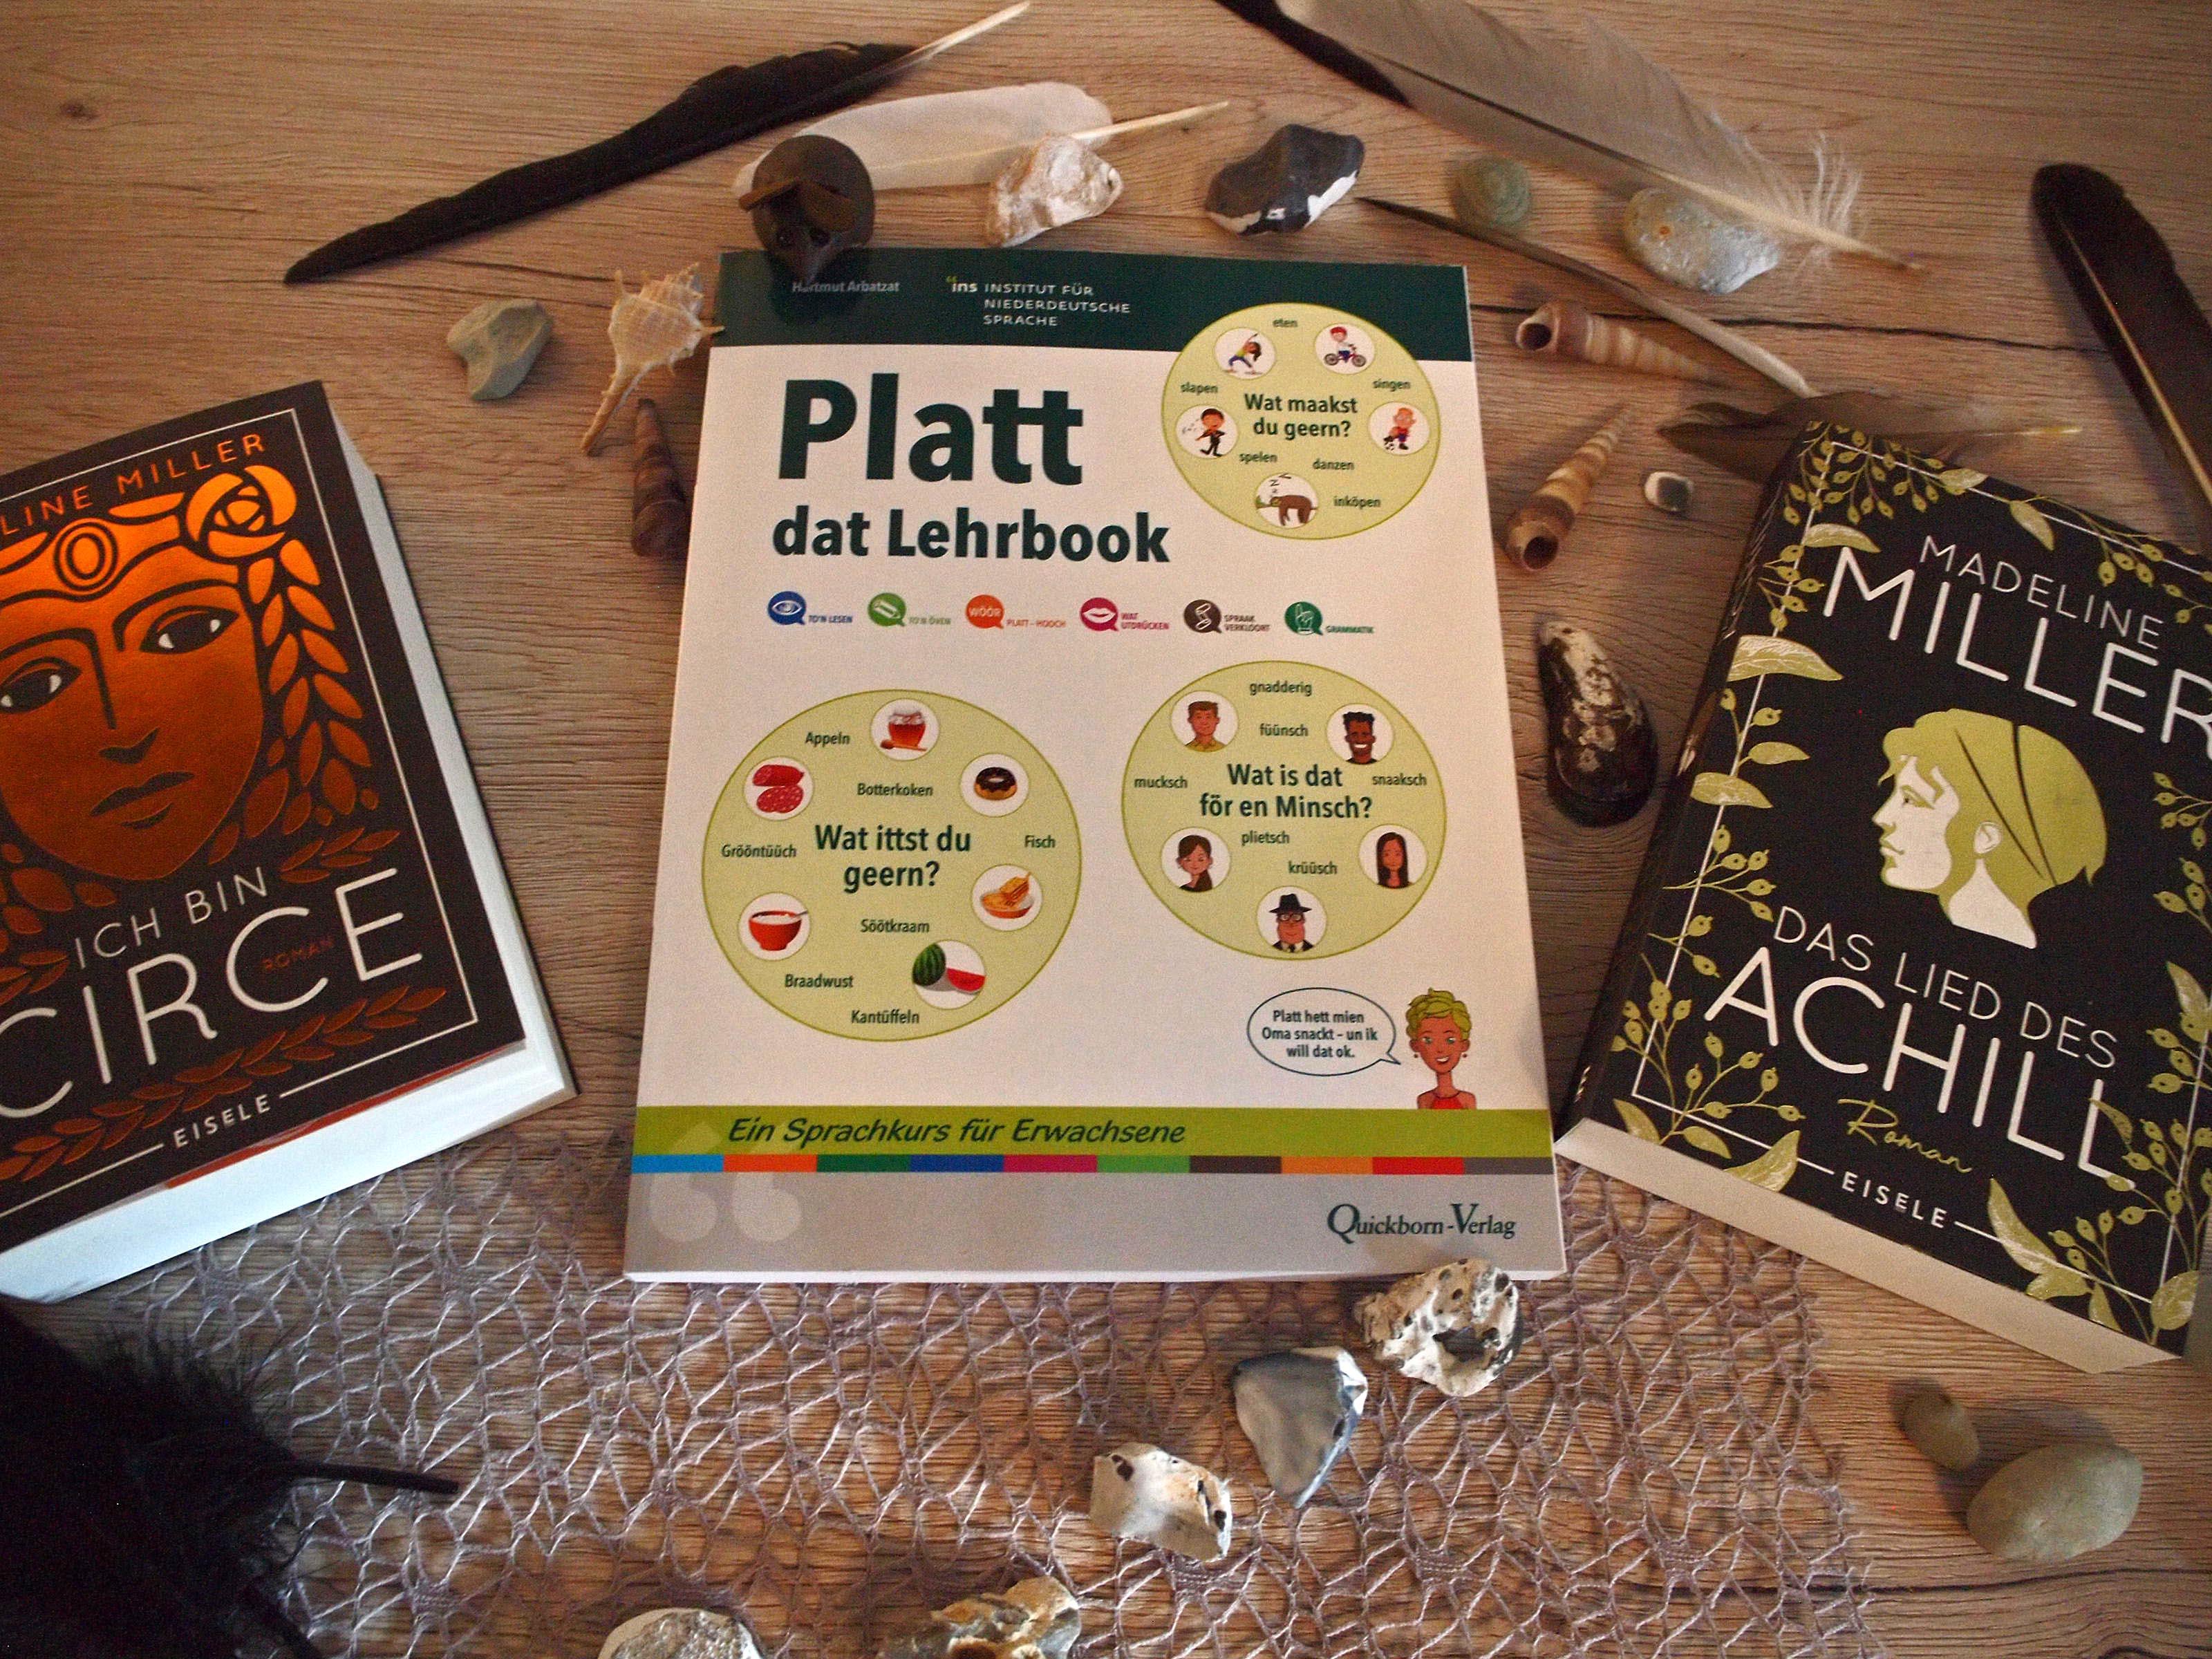 Topp Verlag Anke M\u00fcller Mit Quasten-Schablone zum Sofort-Loslegen German Book: Tassels Quasten voll im Trend